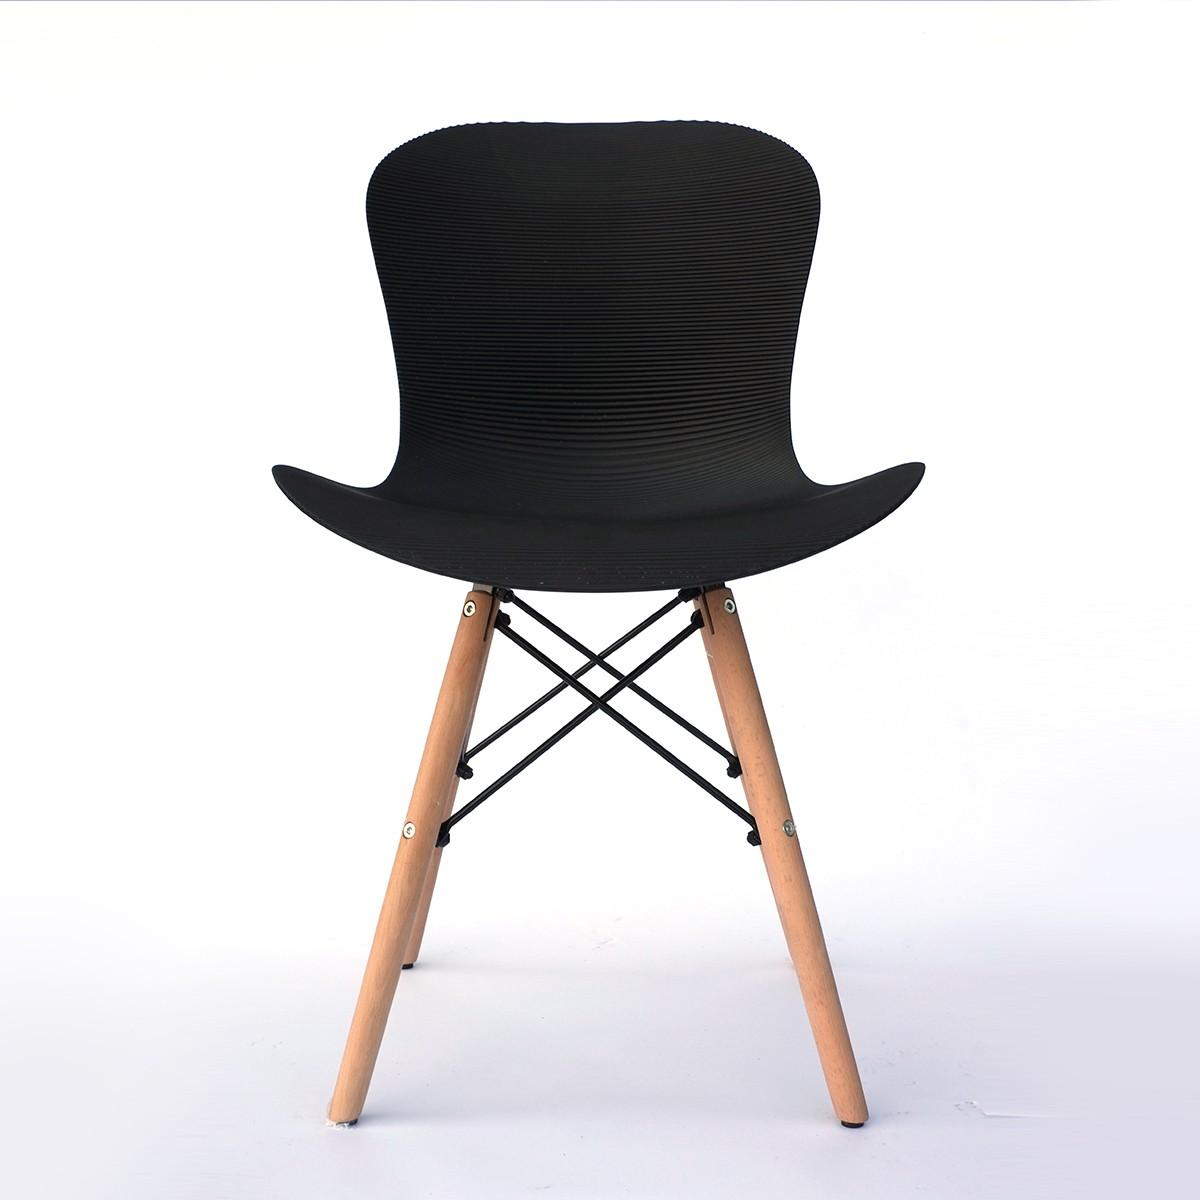 Chaise de salle à manger en plastique ondulé en noir (T806E001-BK)